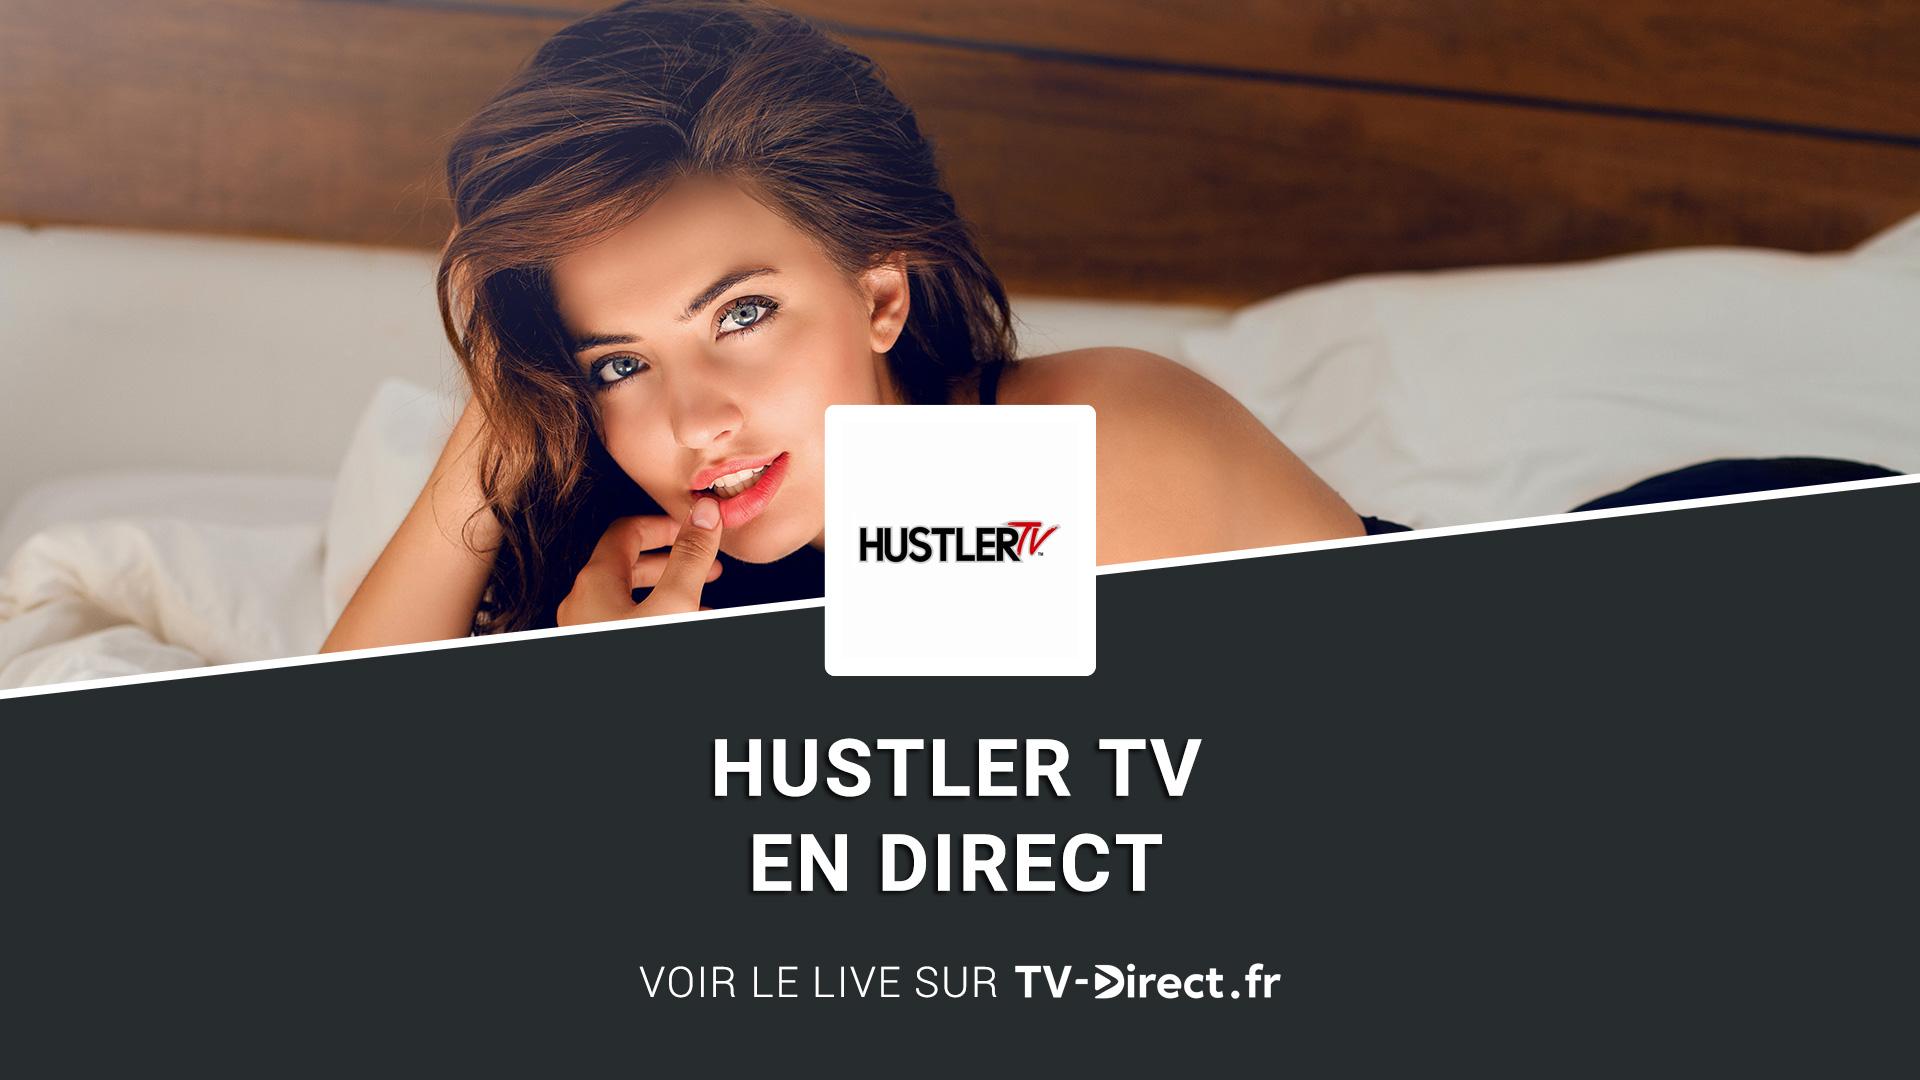 Hustler TV Direct - Regarder Hustler TV live sur internet